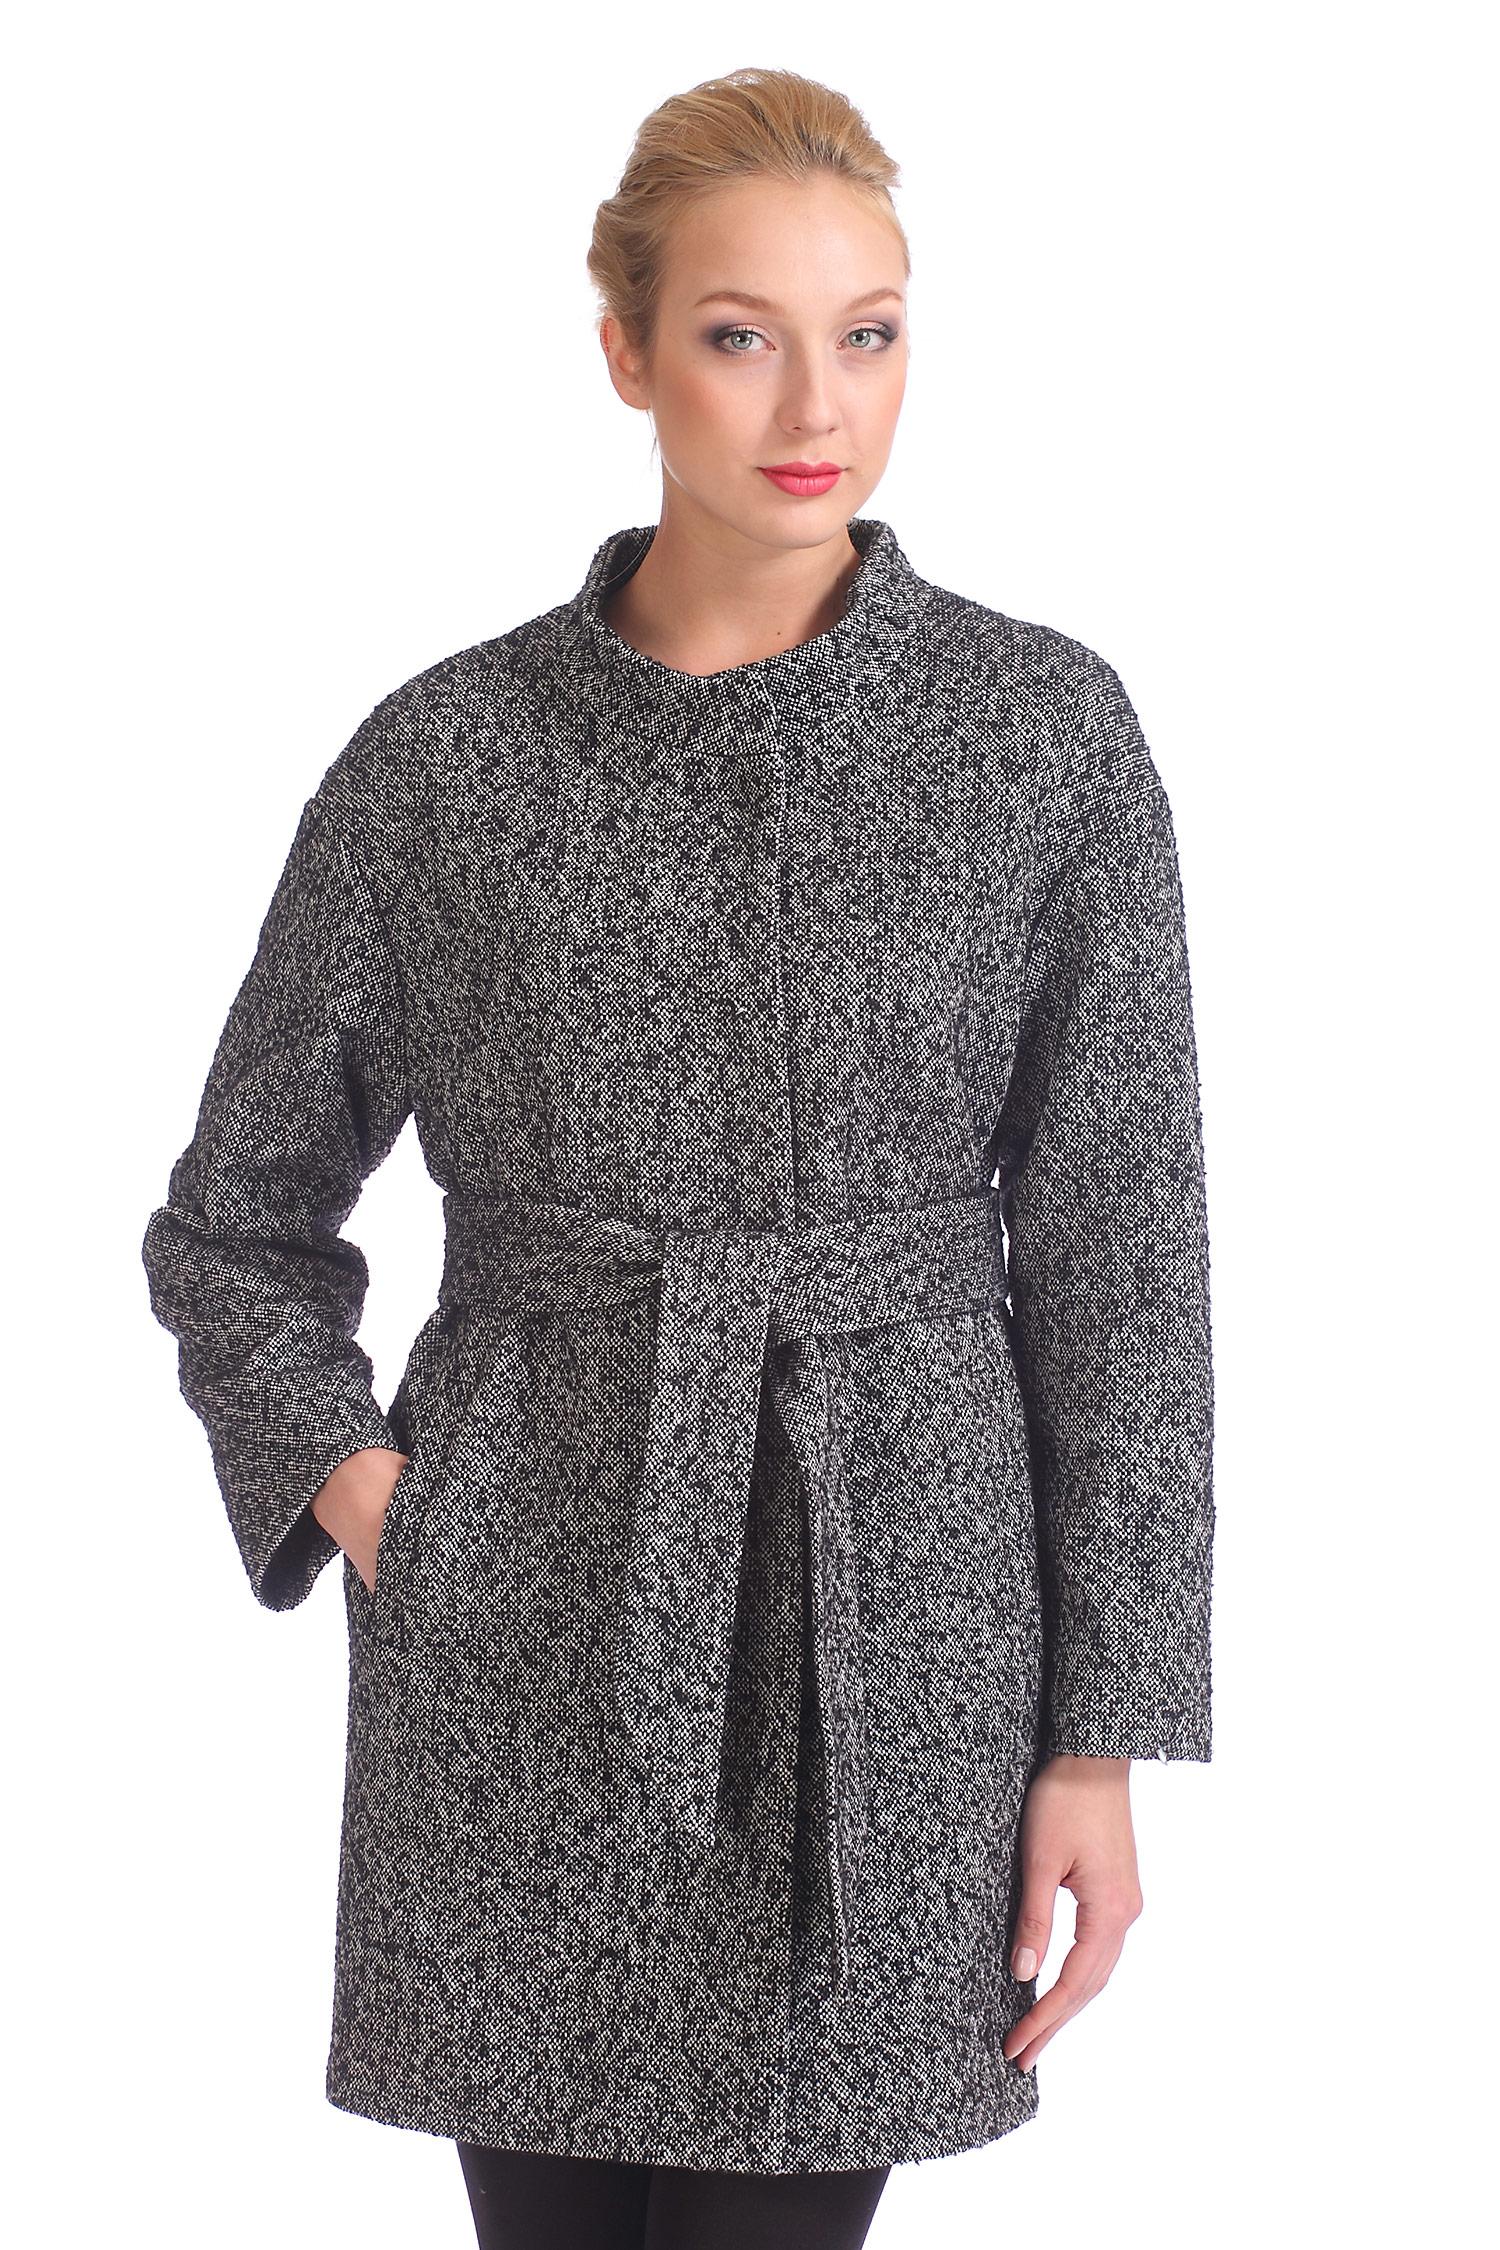 Женское пальто с воротником, без отделки<br><br>Воротник: стойка<br>Длина см: Длинная (свыше 90)<br>Материал: Комбинированный состав<br>Цвет: серый<br>Вид застежки: центральная<br>Застежка: на кнопки<br>Пол: Женский<br>Размер RU: 50